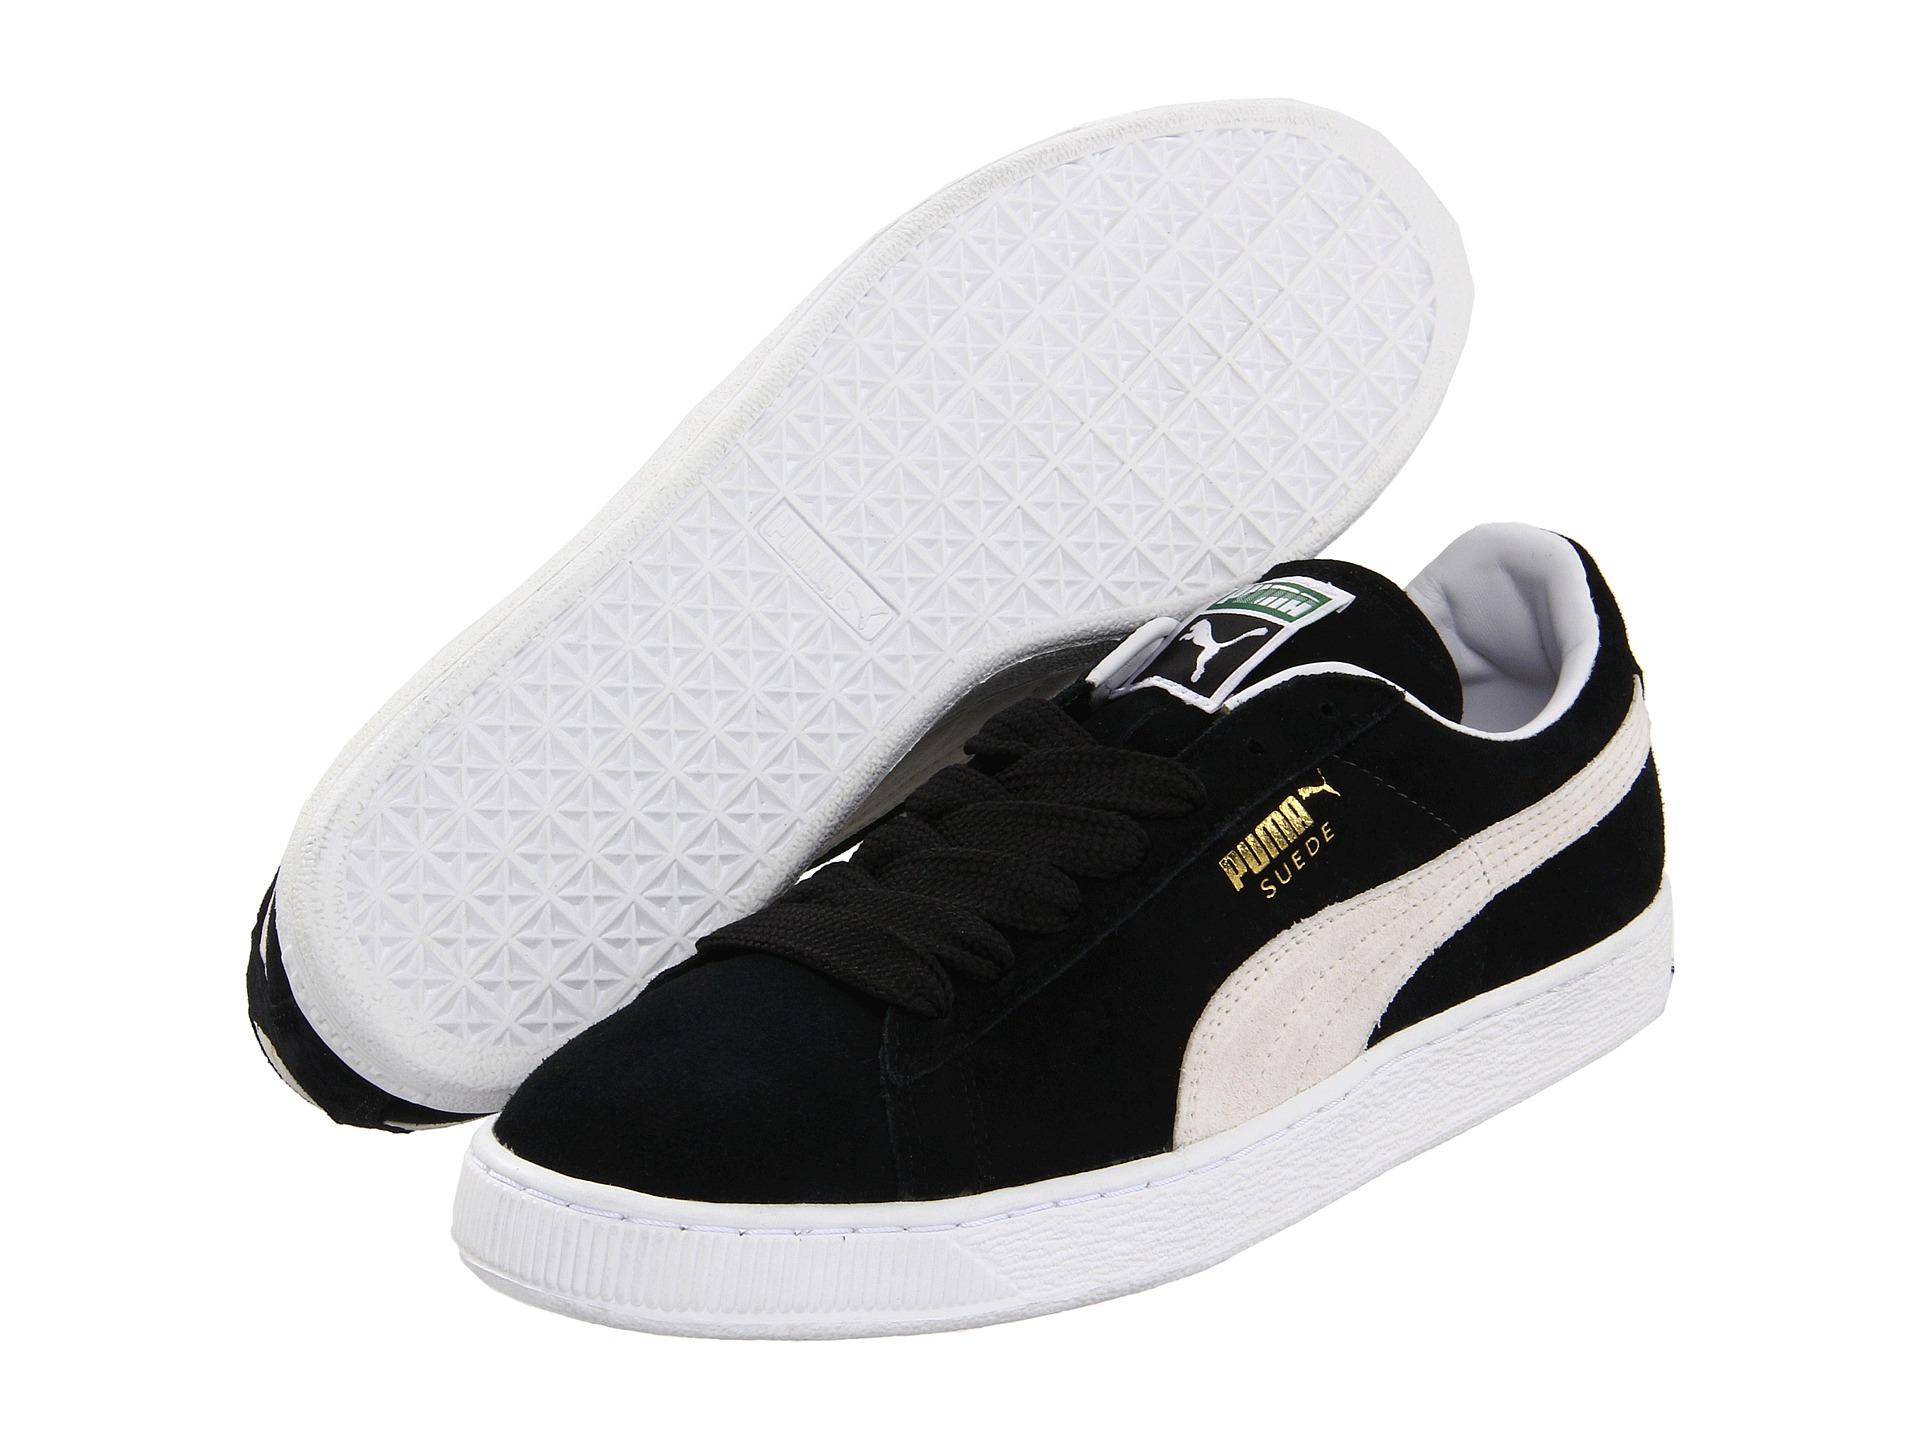 puma shoes vans - 57% OFF - awi.com